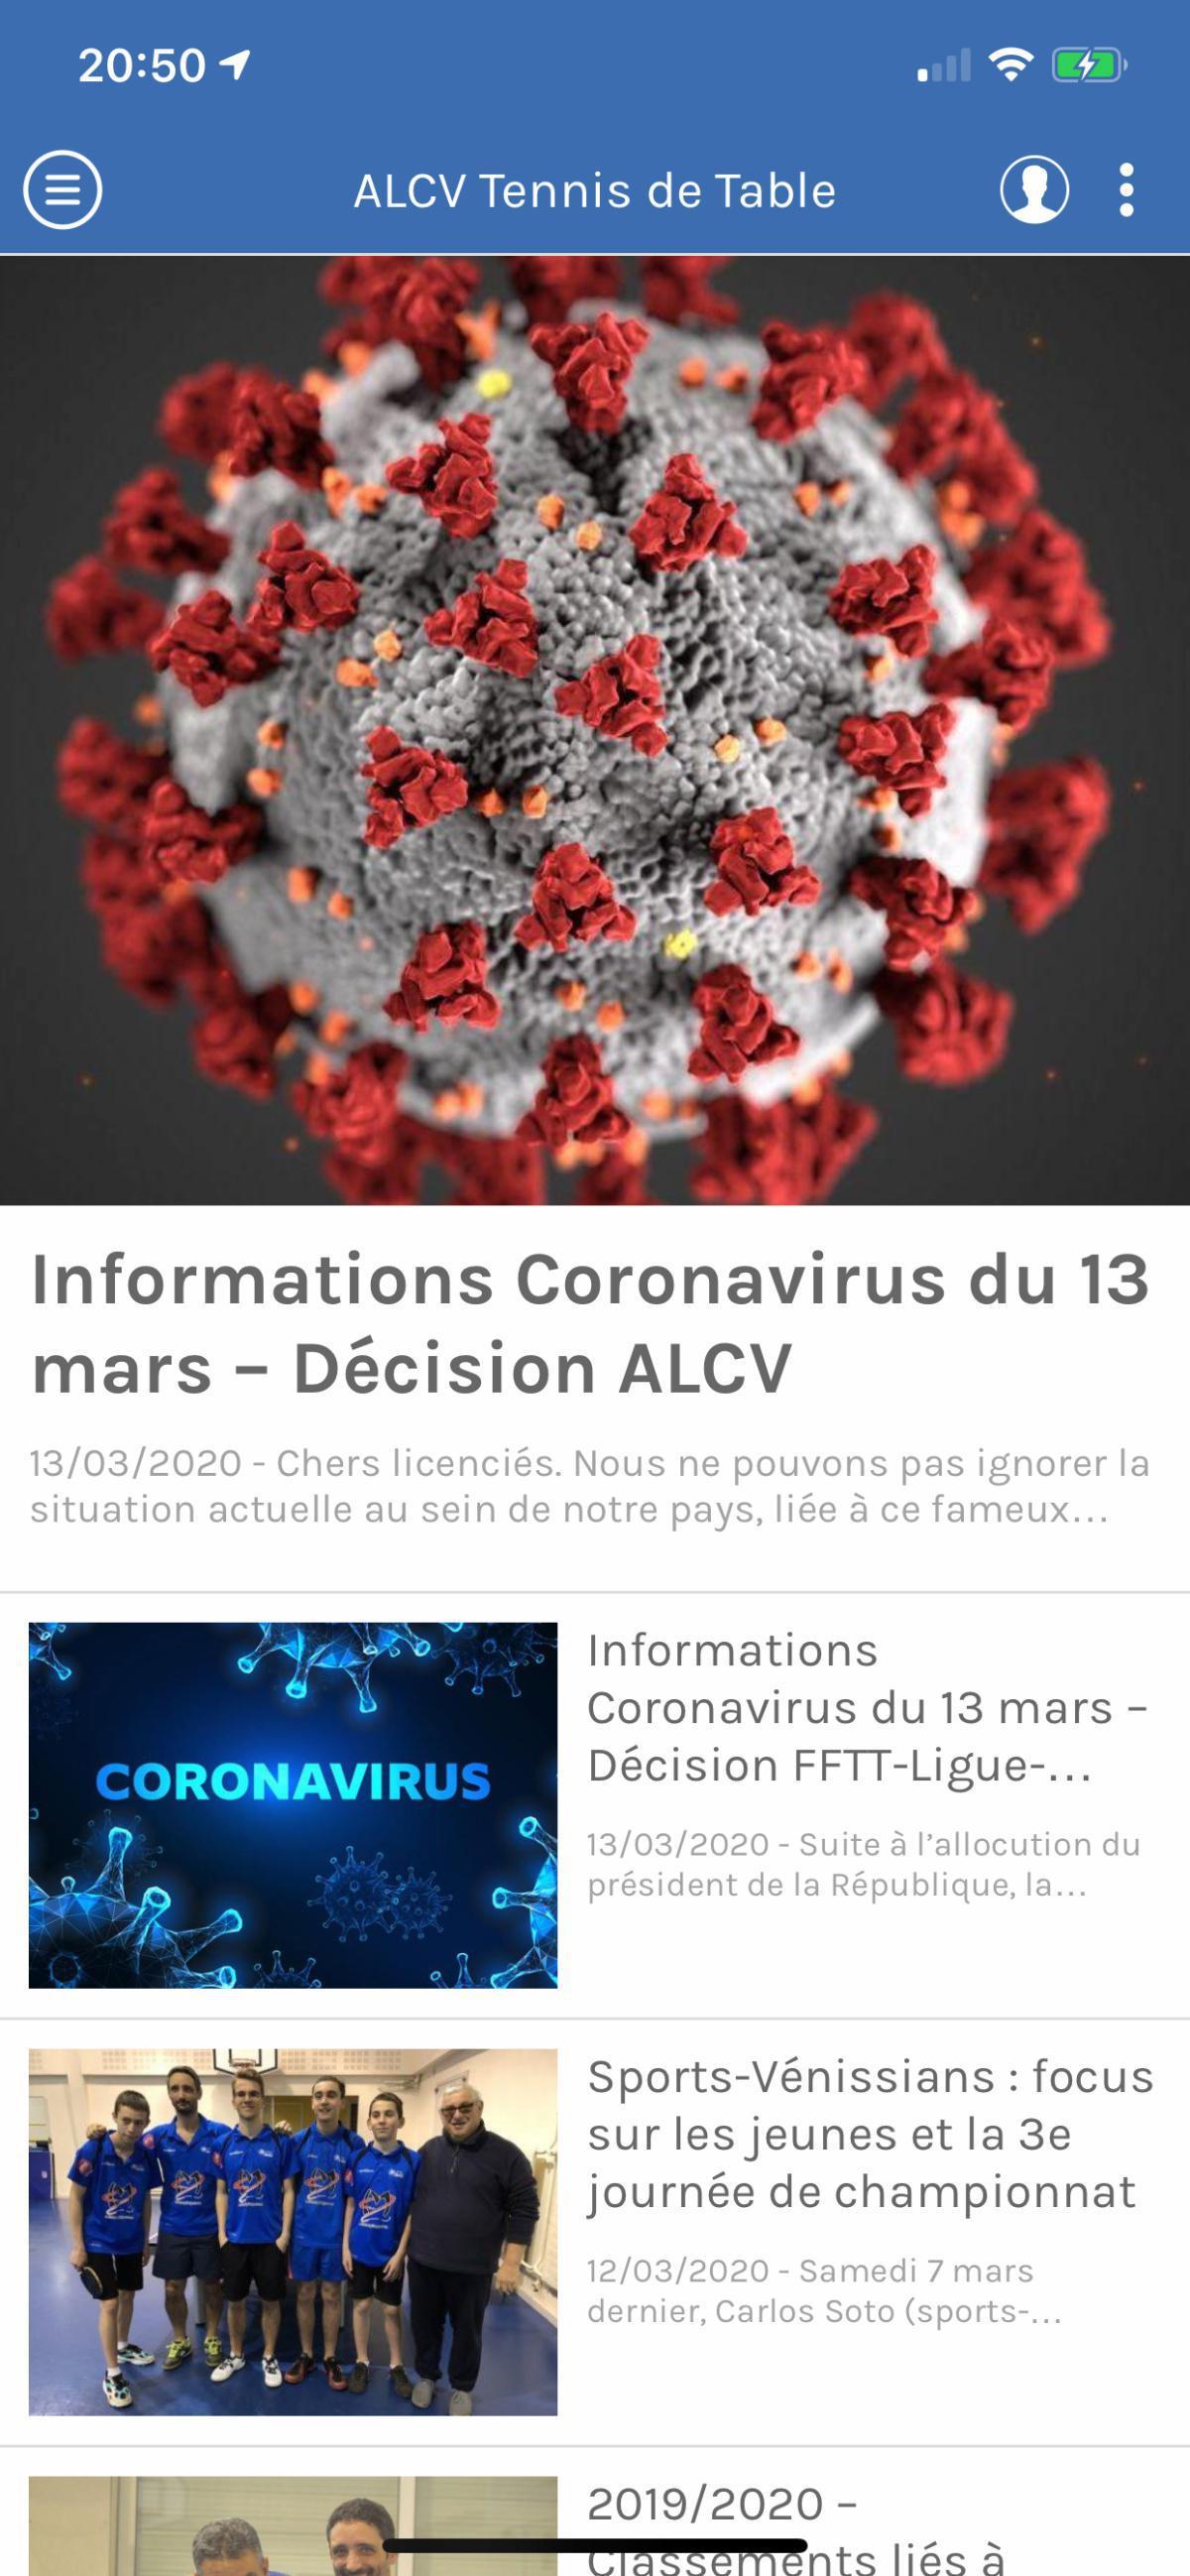 Nouvelle version pour l'outil numérique de l'ALCV